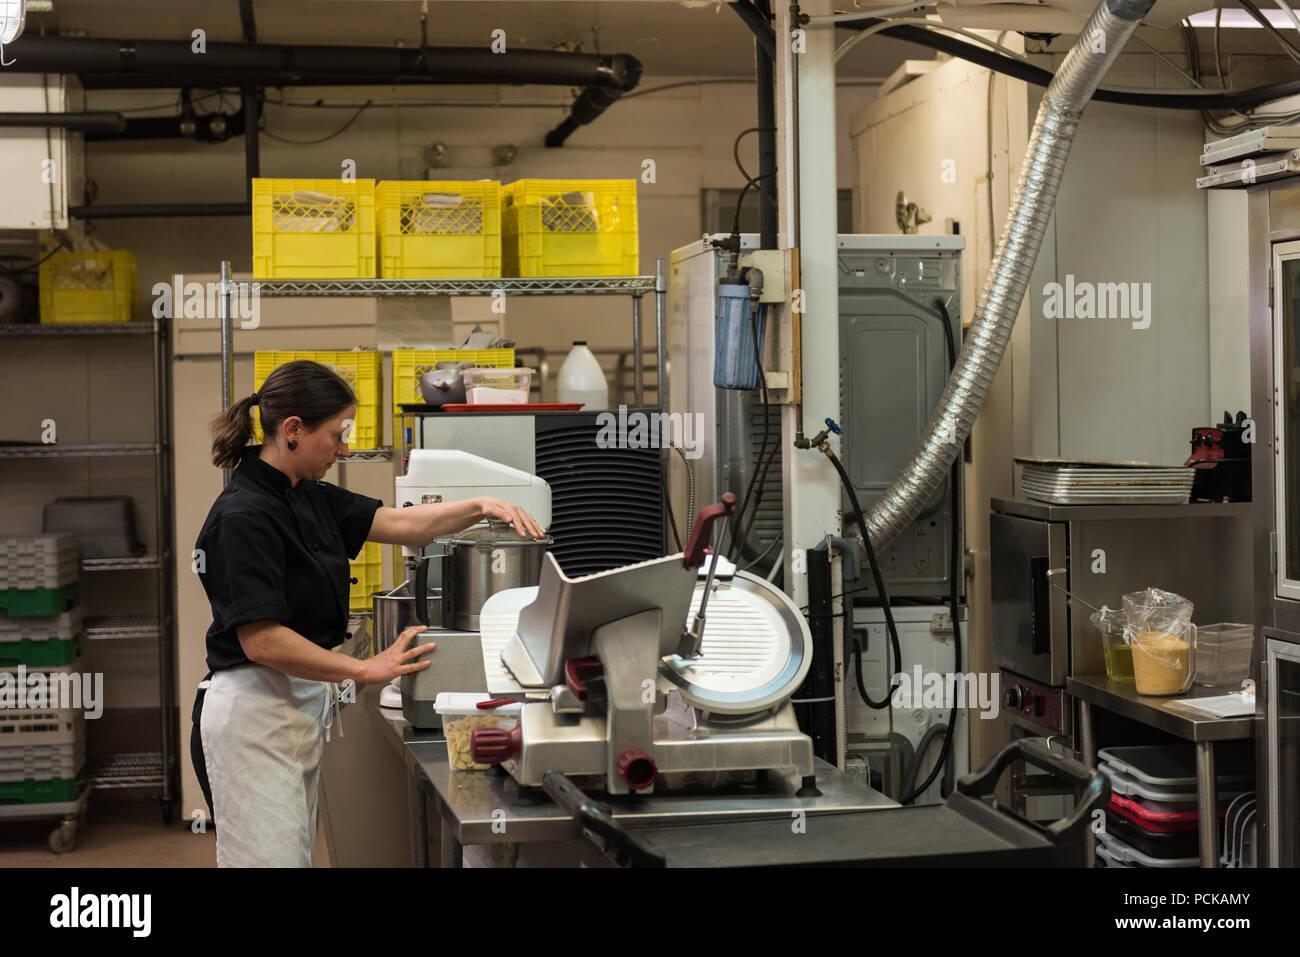 Chef utilizando una muela en una cocina comercial Imagen De Stock